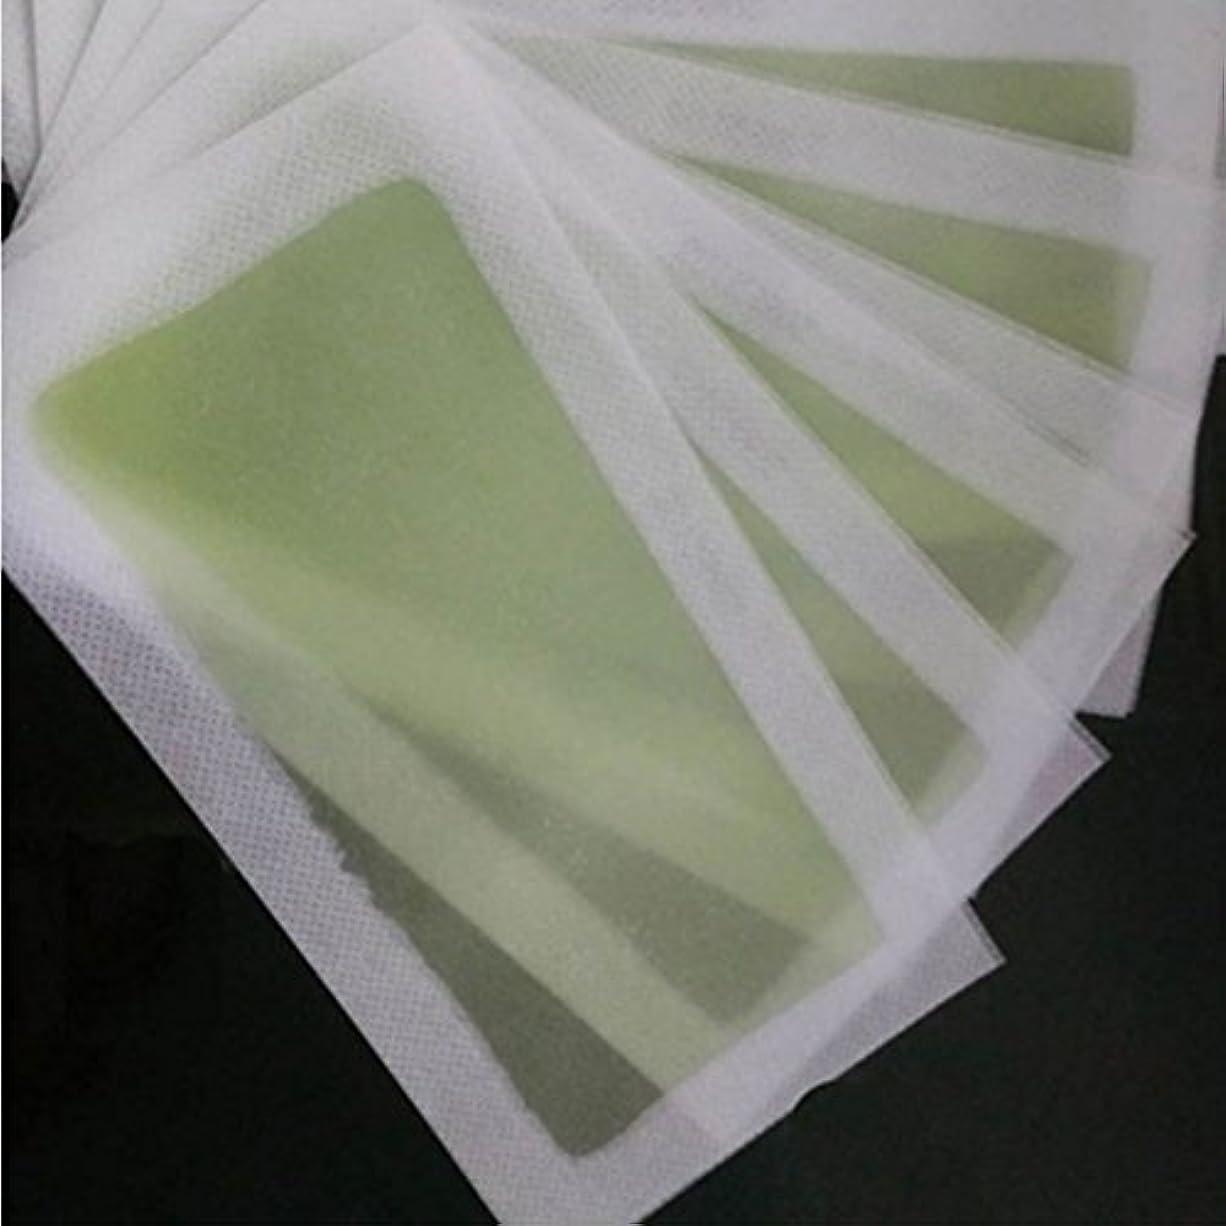 タイプゴミ箱インシデントMSmask プロ品質 ワックスは、美容ストリップ 両面シート脱毛シート 脱毛ワックスがけブロー用